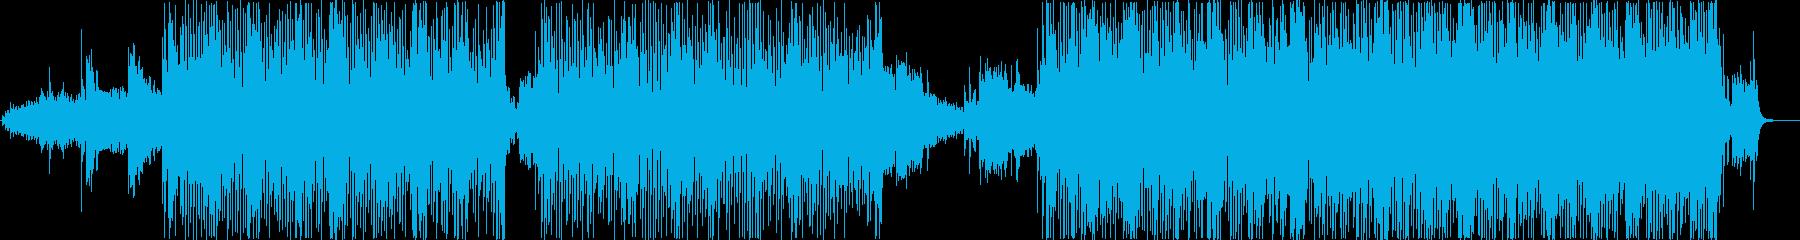 優しい気分になるPOPなテクノの再生済みの波形